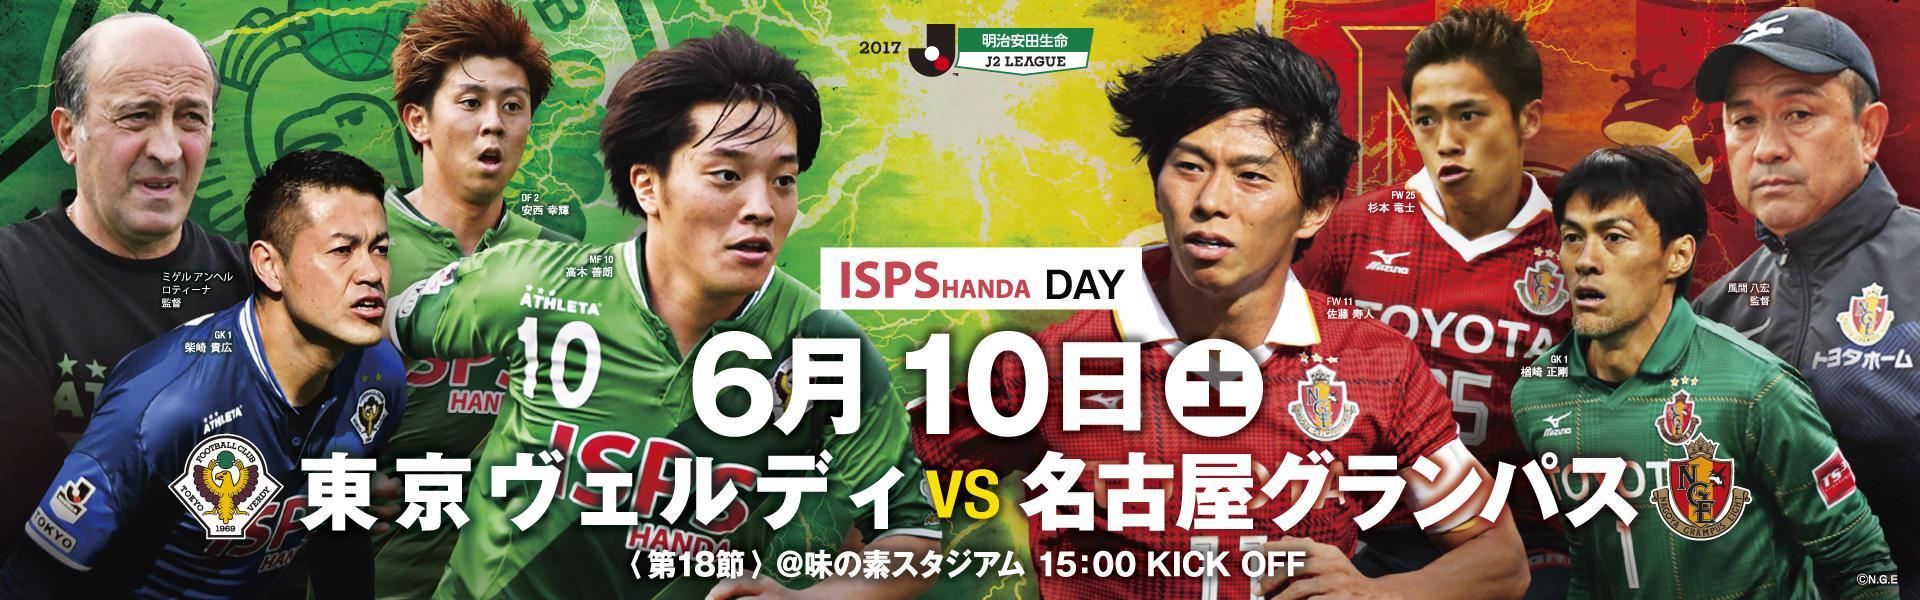 2017_vs_nagoya_banner_hp.jpg